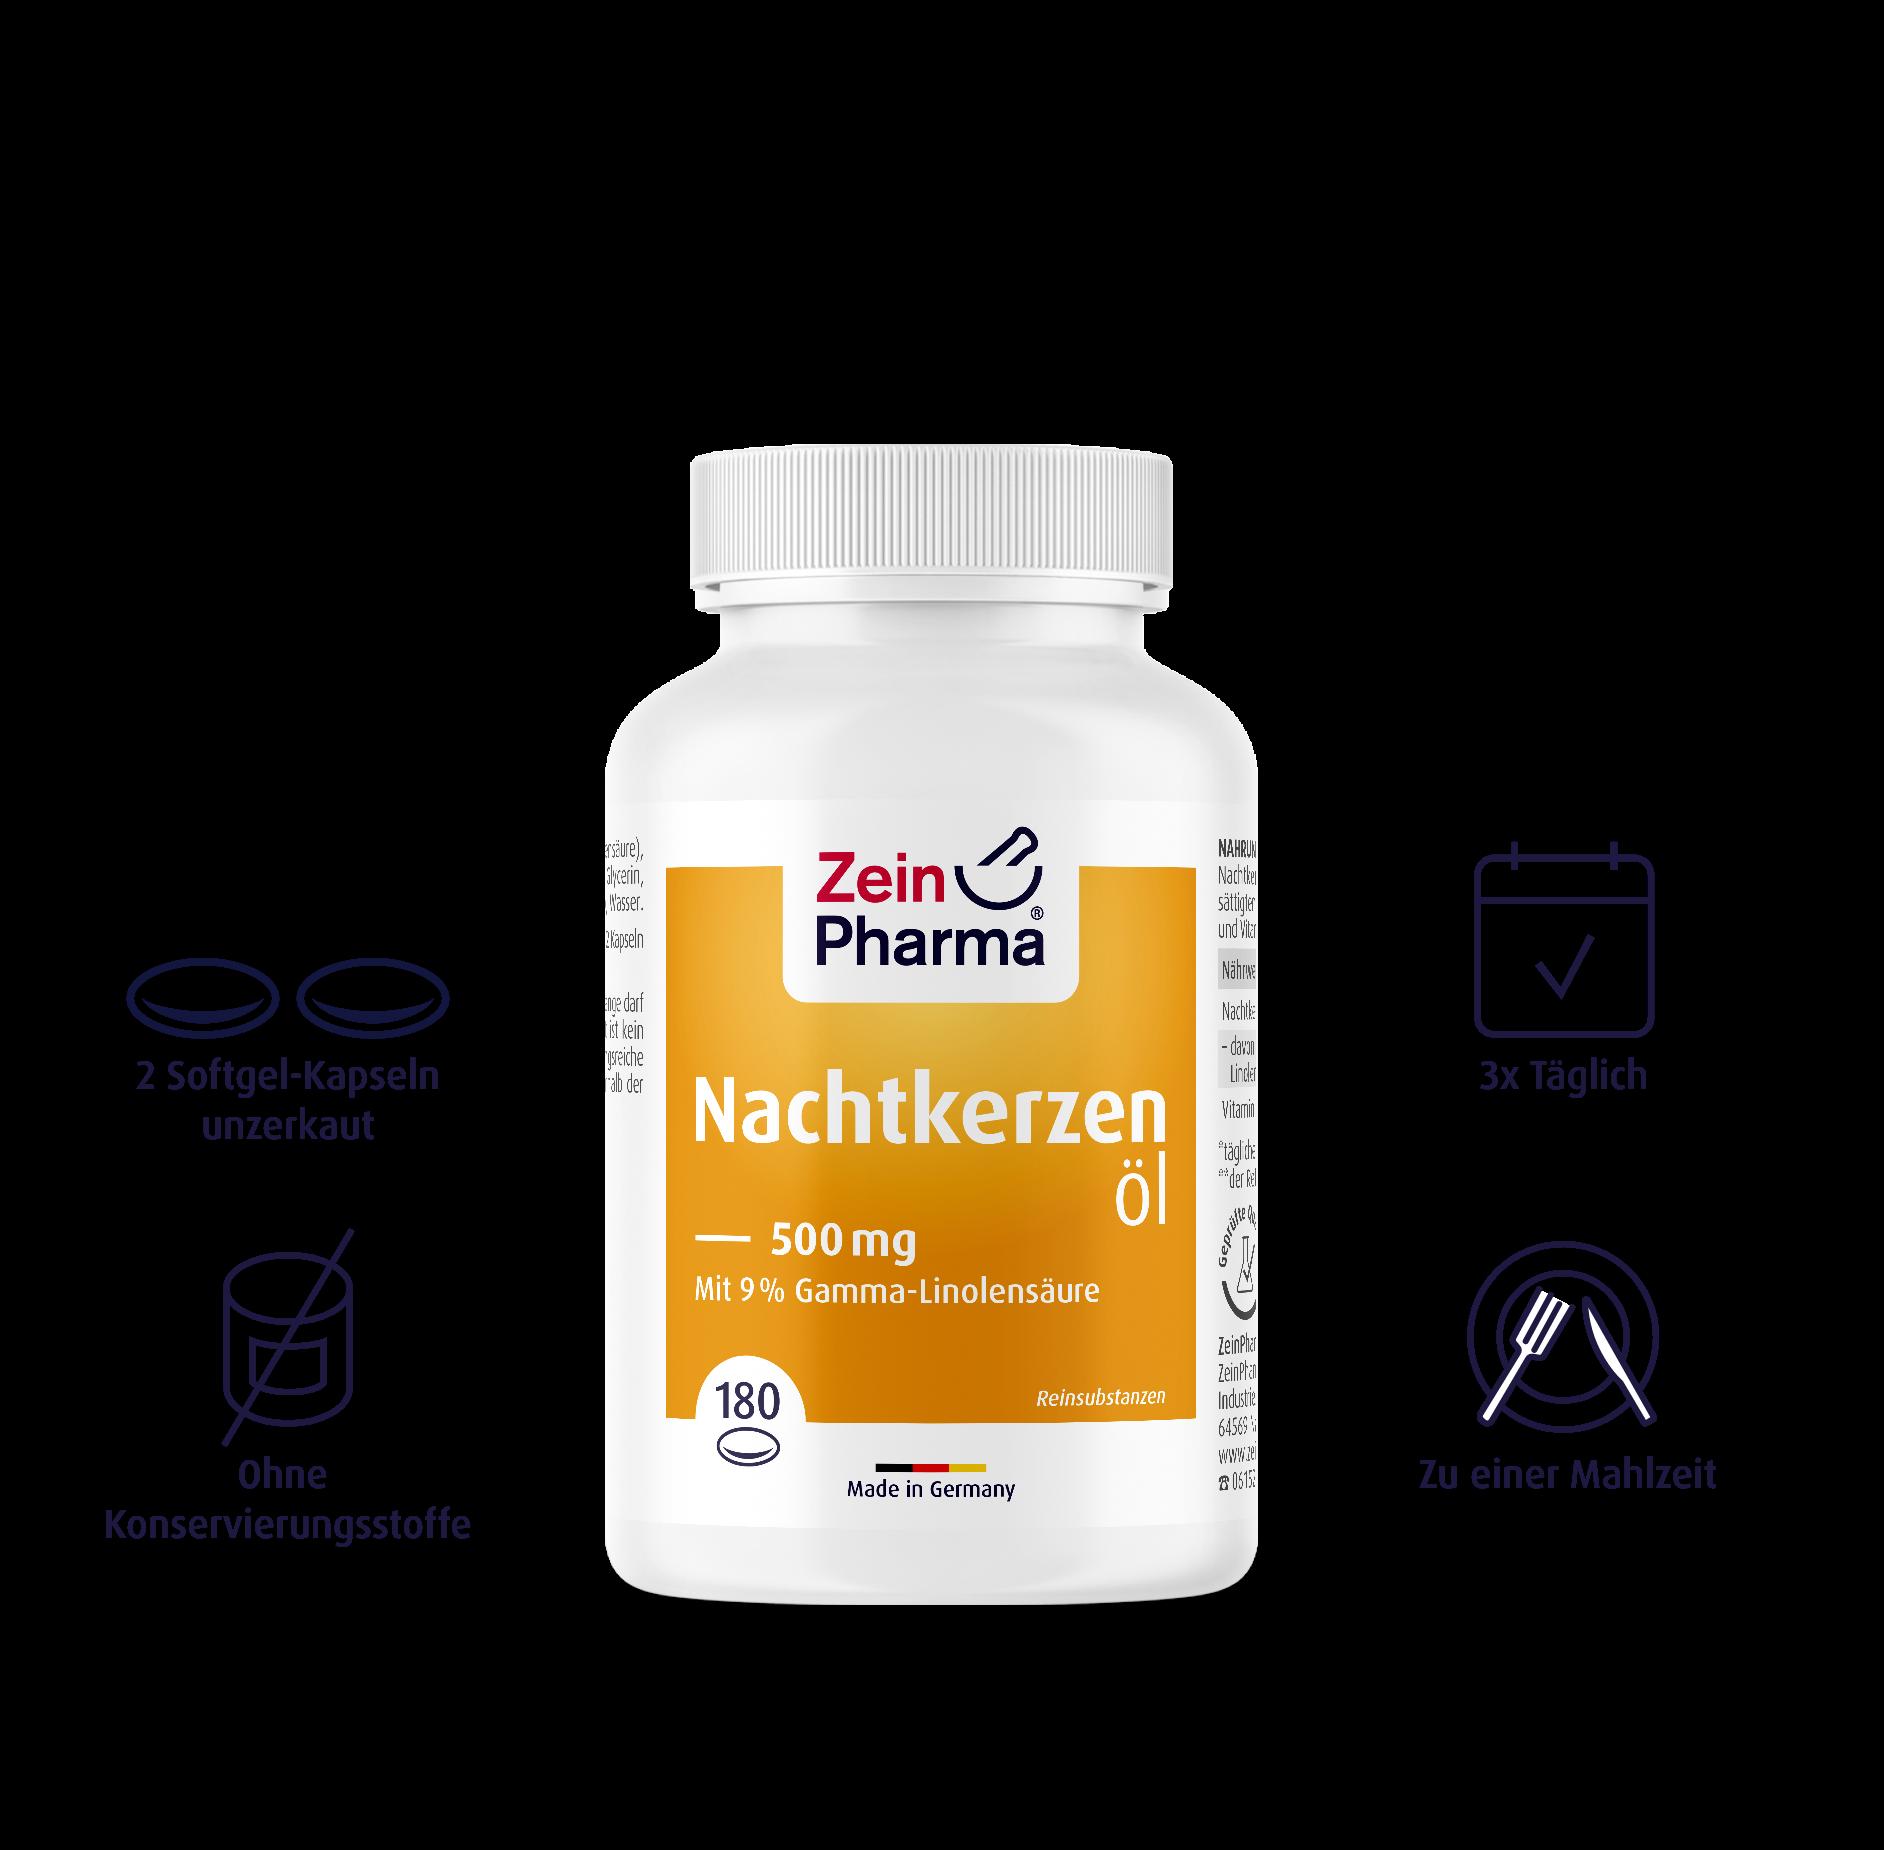 Nachtkerzenöl Softgel-Kapseln 500 mg